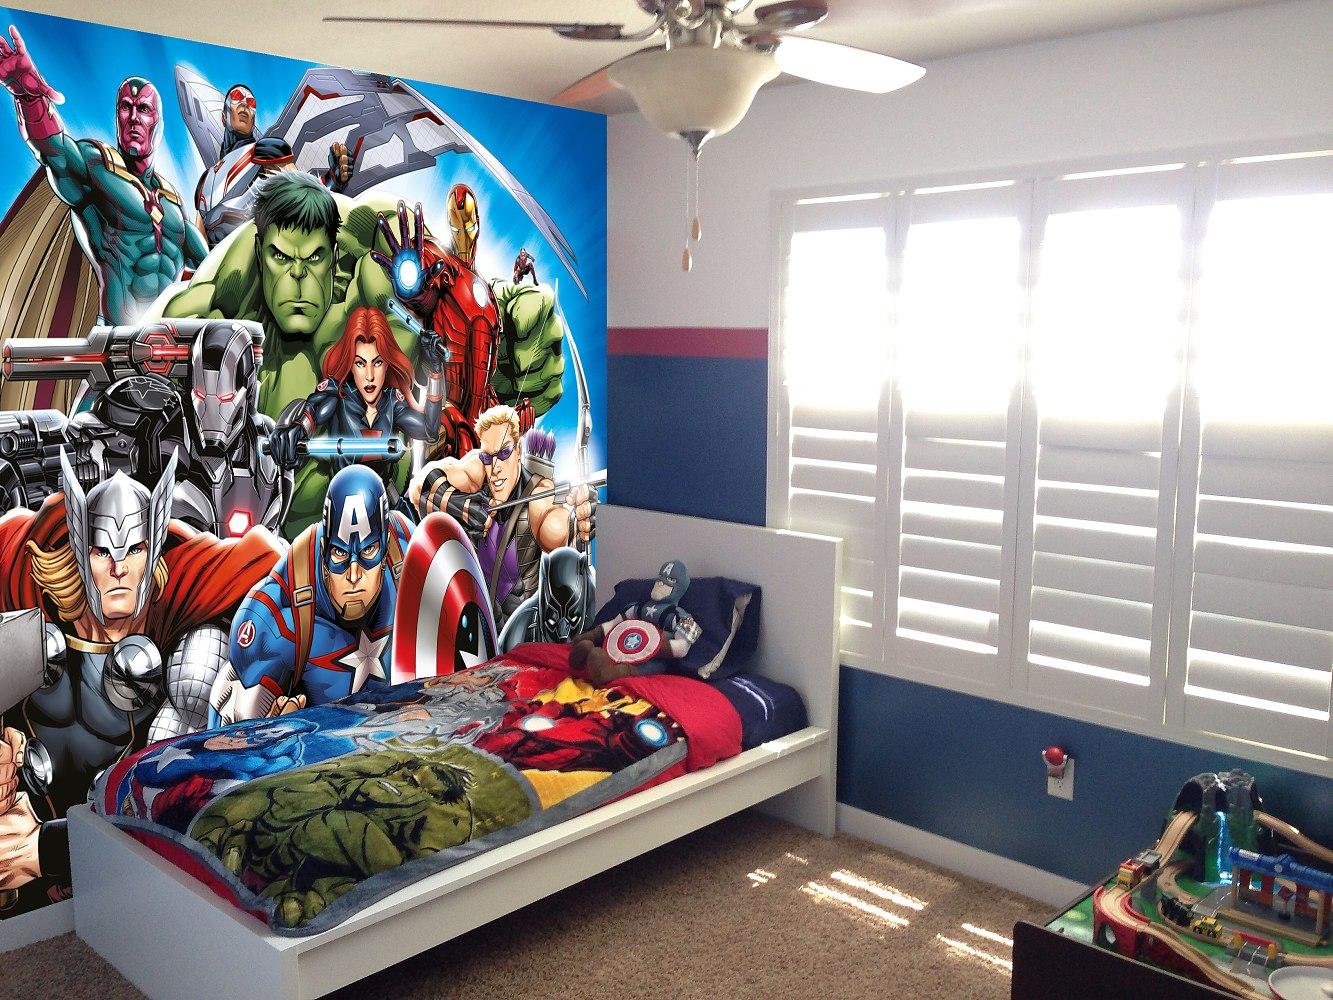 Fototapeta Marvel Avengers hrdinové vlies